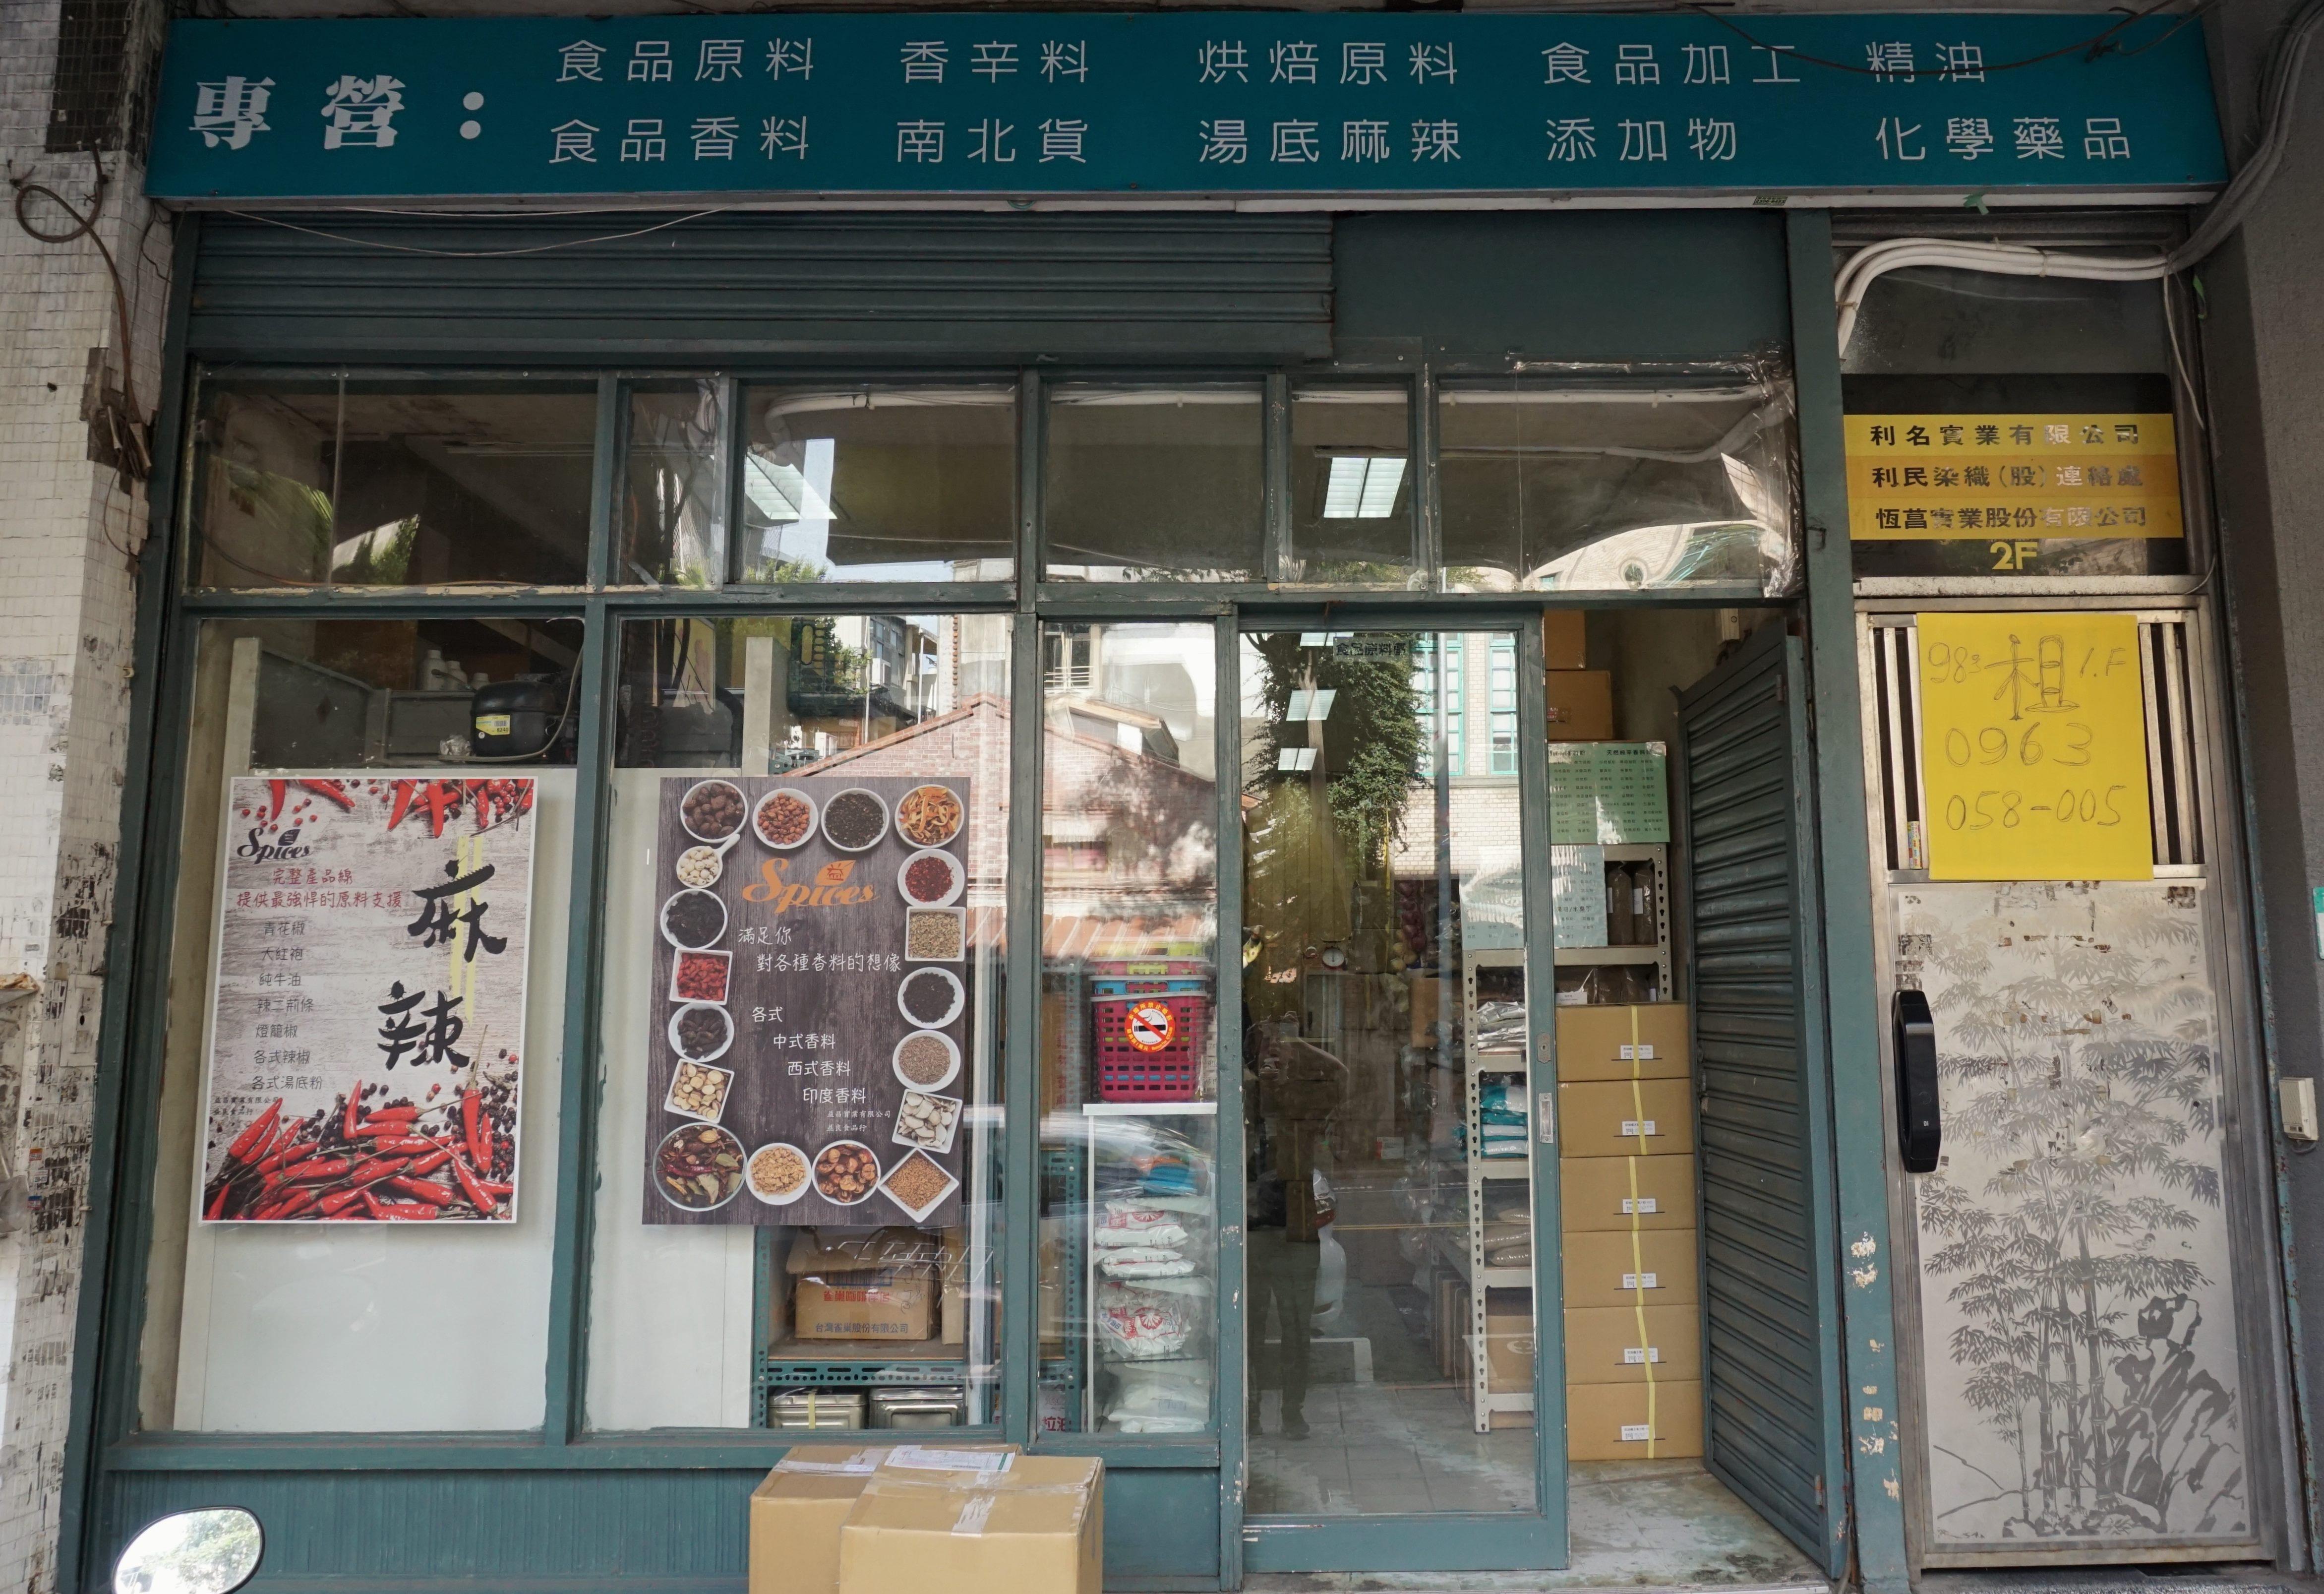 枝仔冰城(台北大稻埕店)改造前1